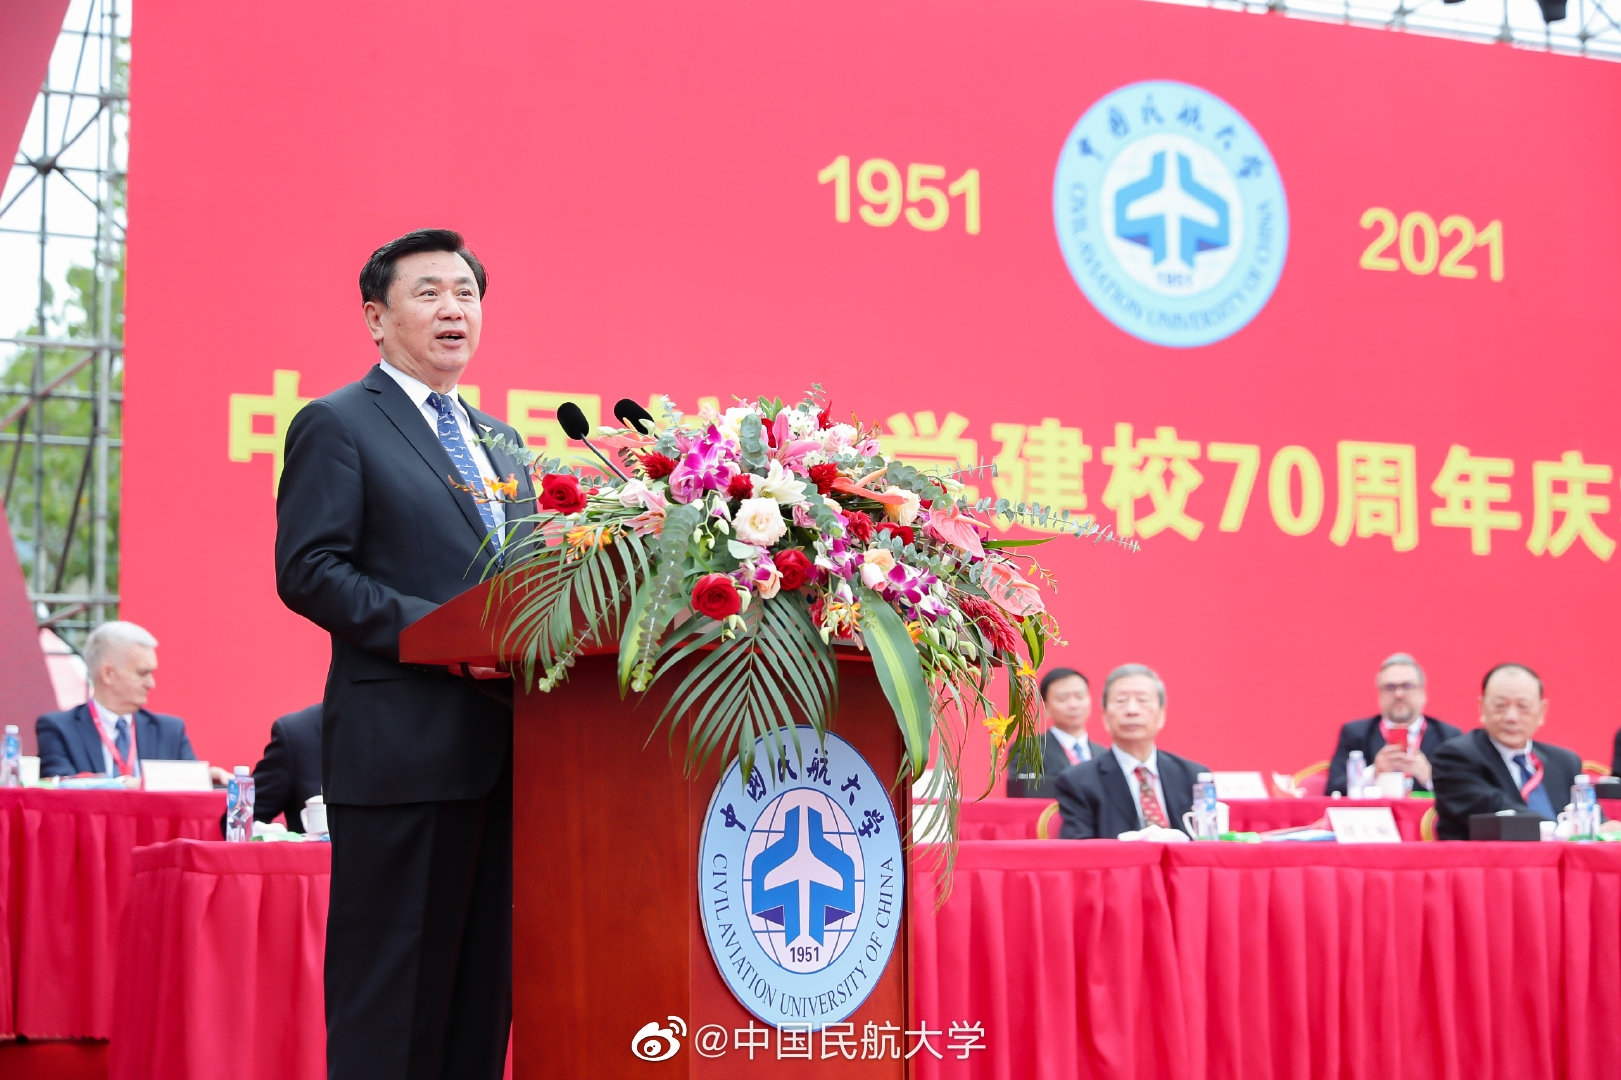 来源:中国民航大学70周年校庆